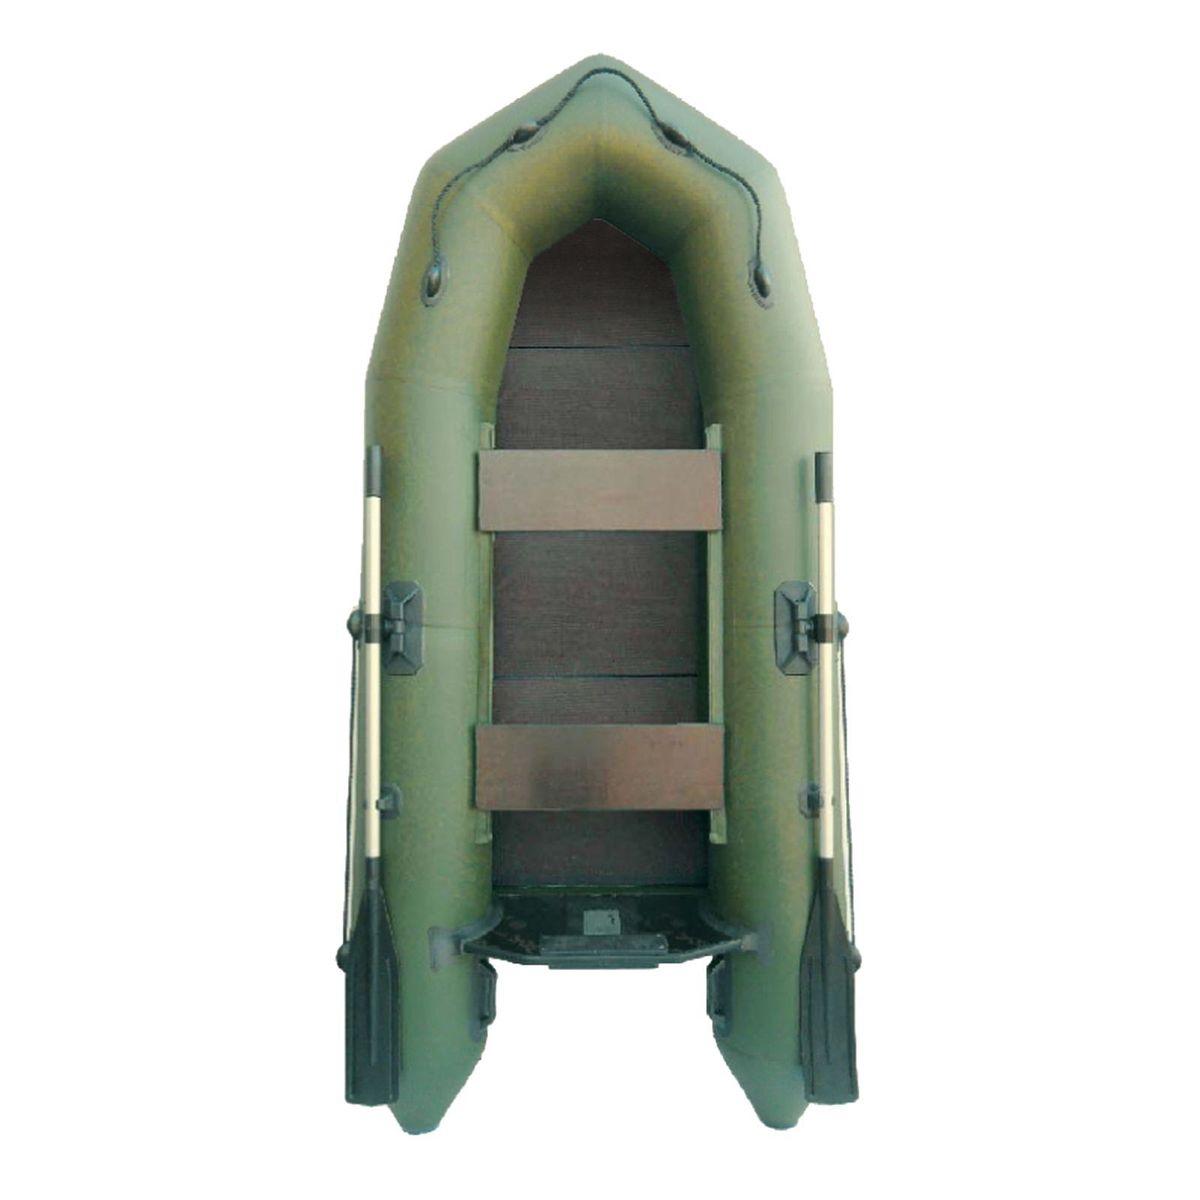 Лодка надувная Муссон 2600 РС, слань, цвет: зеленый1418837«Муссон 2600 РС» — гребная лодка, предназначенная для отдыха, охоты и рыбалки на воде. С ней вы сможете заняться любимым делом в любое время и любую погоду, широкий температурный диапазон даёт возможность эксплуатировать изделие с ранней весны до поздней осени. Вместительность лодки позволяет насладиться активным отдыхом двум людям сразу. Отправляйтесь на рыбалку с другом и разделите радость от улова вместе с ним. Современная модель «Муссон 2600 РС» изготовлена из ПВХ, устойчивого к проколам, порезам и ультрафиолетовым лучам, благодаря чему увеличен срок эксплуатации. Расцветка позволяет быть незамеченным на фоне растительности, а значит, вы не спугнёте свою добычу. Пластины из слани служат теплоизолирующей и амортизирующей прослойкой, обеспечат вам дополнительный комфорт. Данную модель можно хранить длительное время без каких-либо дополнительных обработок поверхности. Лодка проста в транспортировке: в сложенном состоянии она не займёт много места. Данная особенность позволяет без...